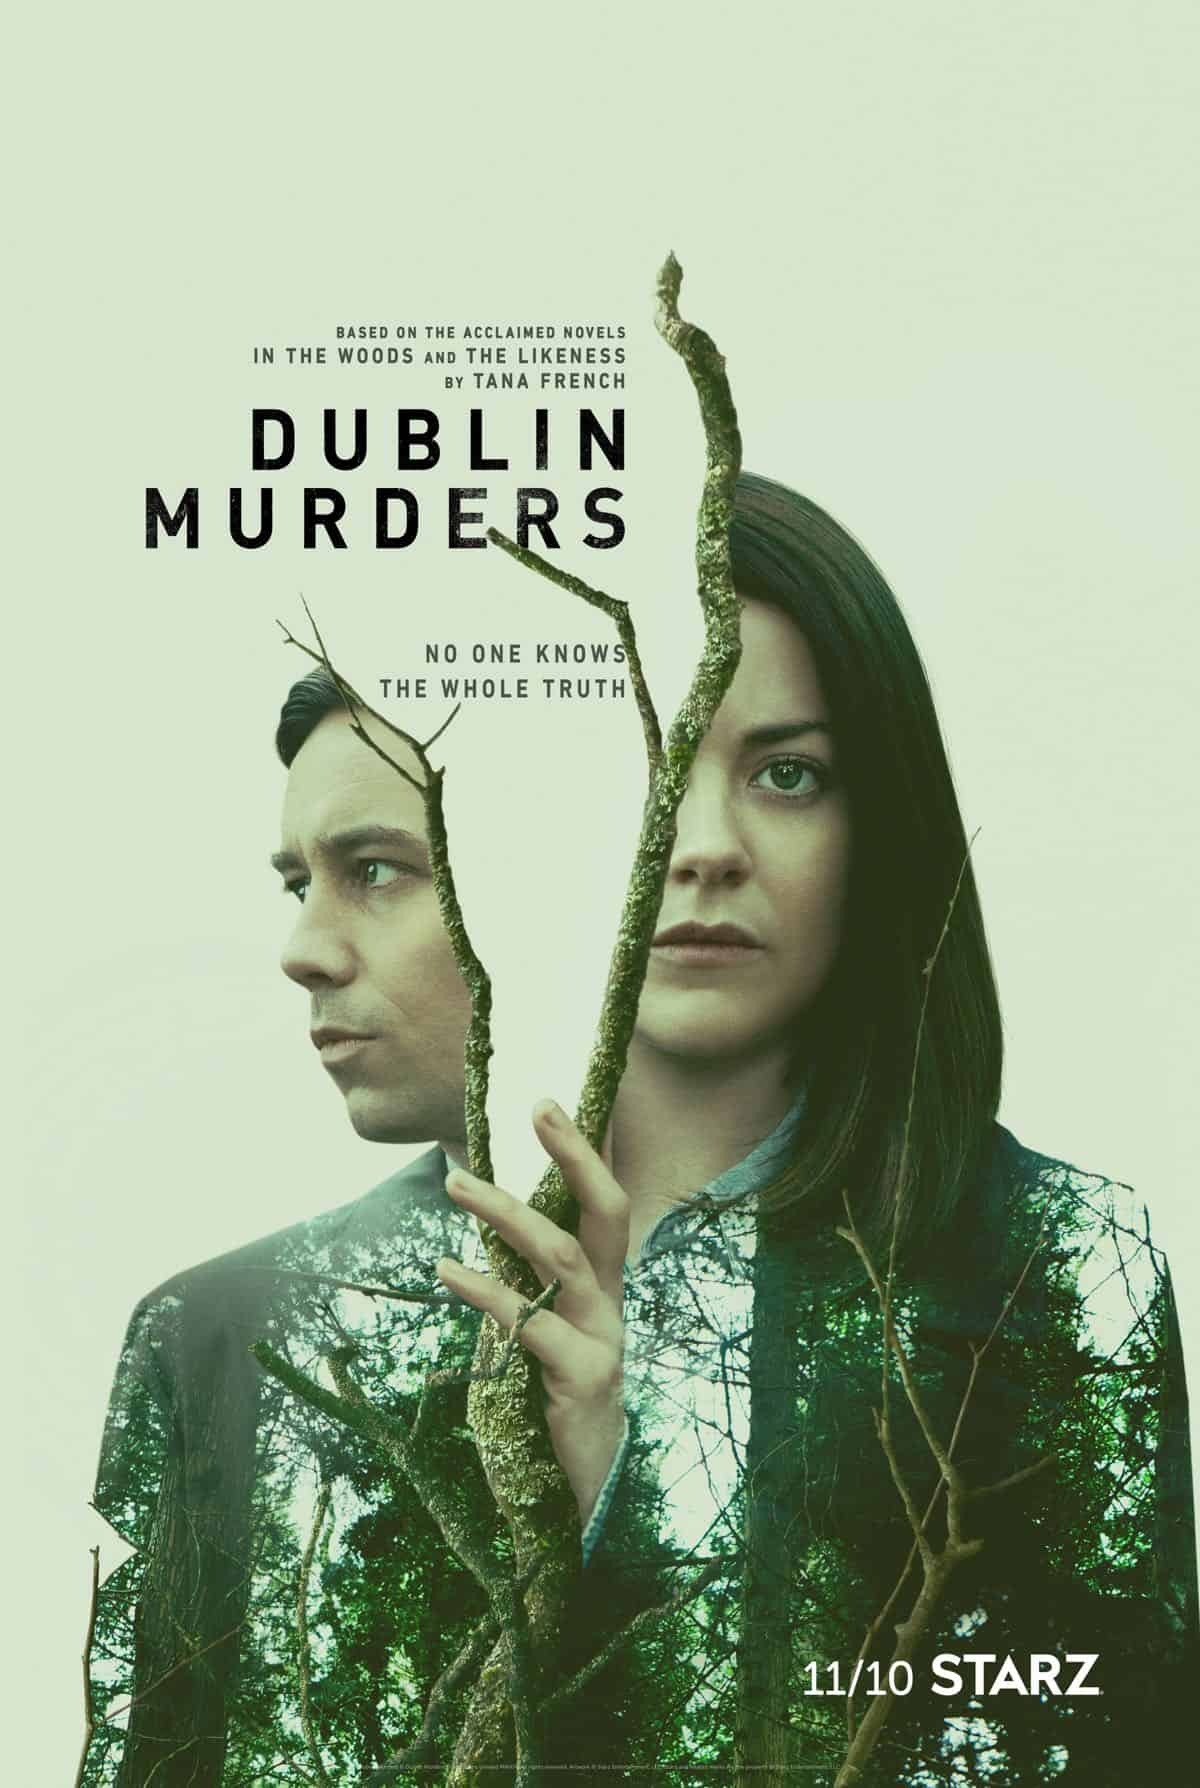 Dublin Murders Poster Key Art